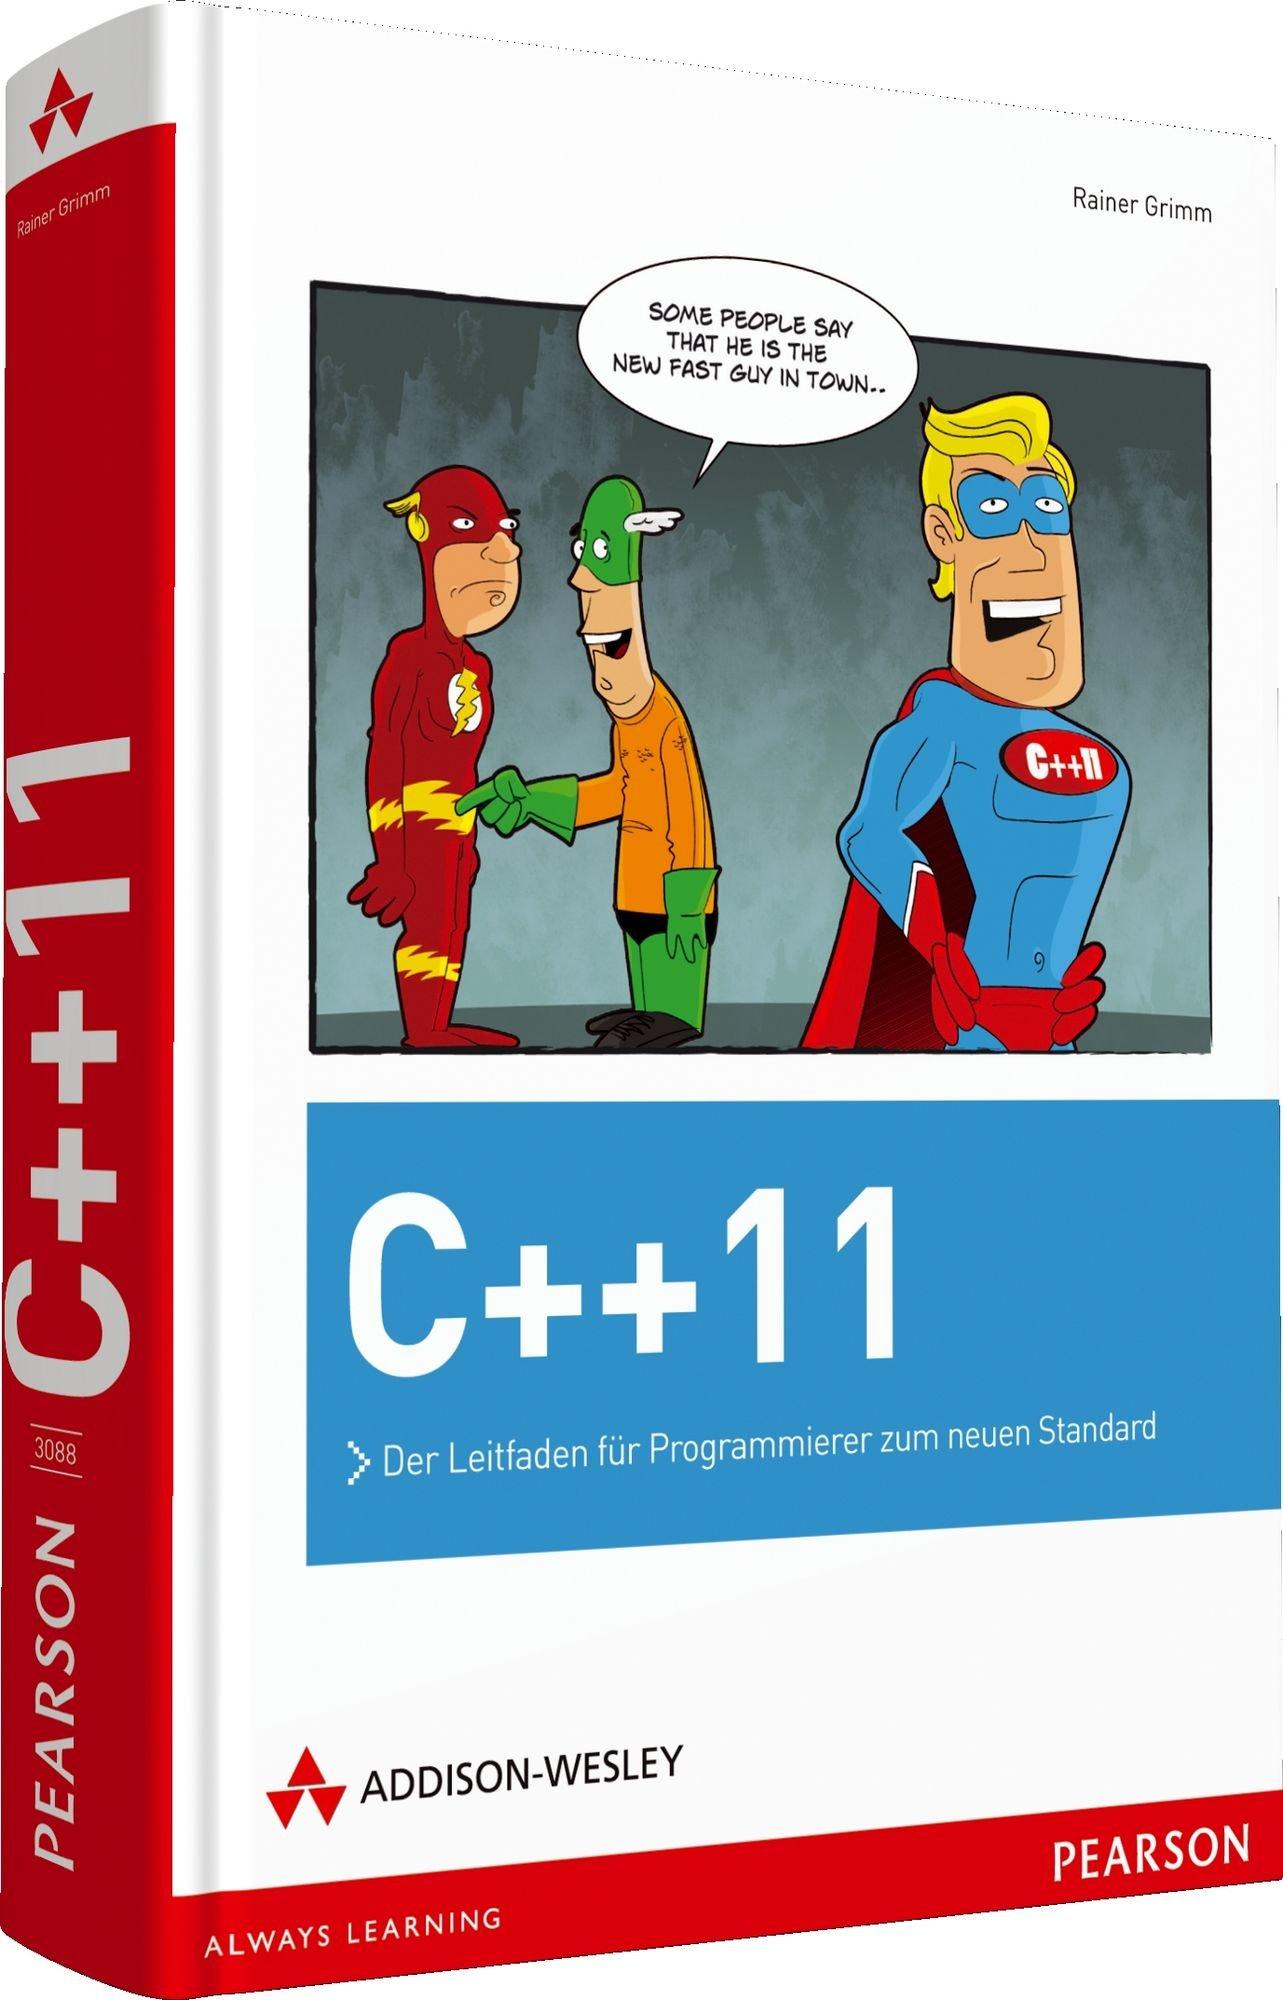 C++11: Der Leitfaden für Programmierer zum neuen Standard (Programmer's Choice) Gebundenes Buch – 1. Dezember 2011 Rainer Grimm Addison-Wesley Verlag 3827330882 18824148